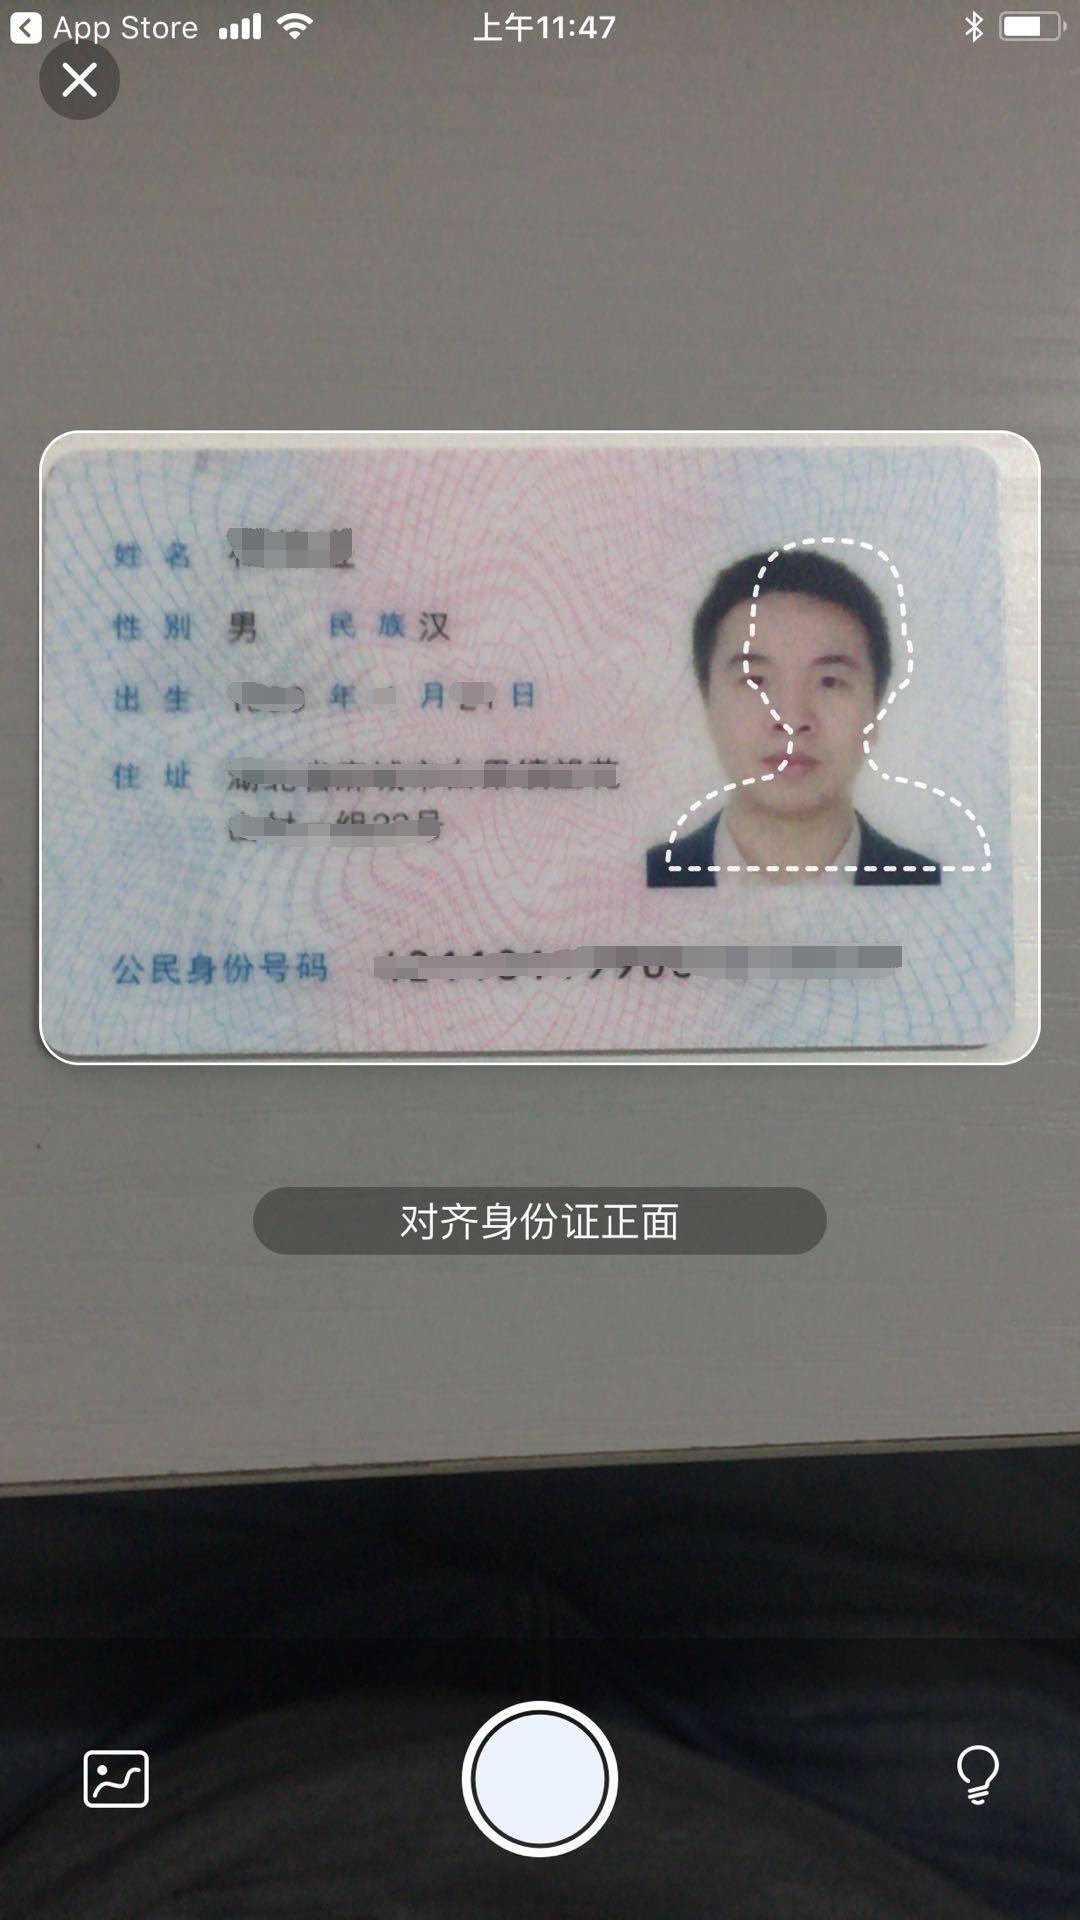 初次登陆政务助手,请先做身份证验证